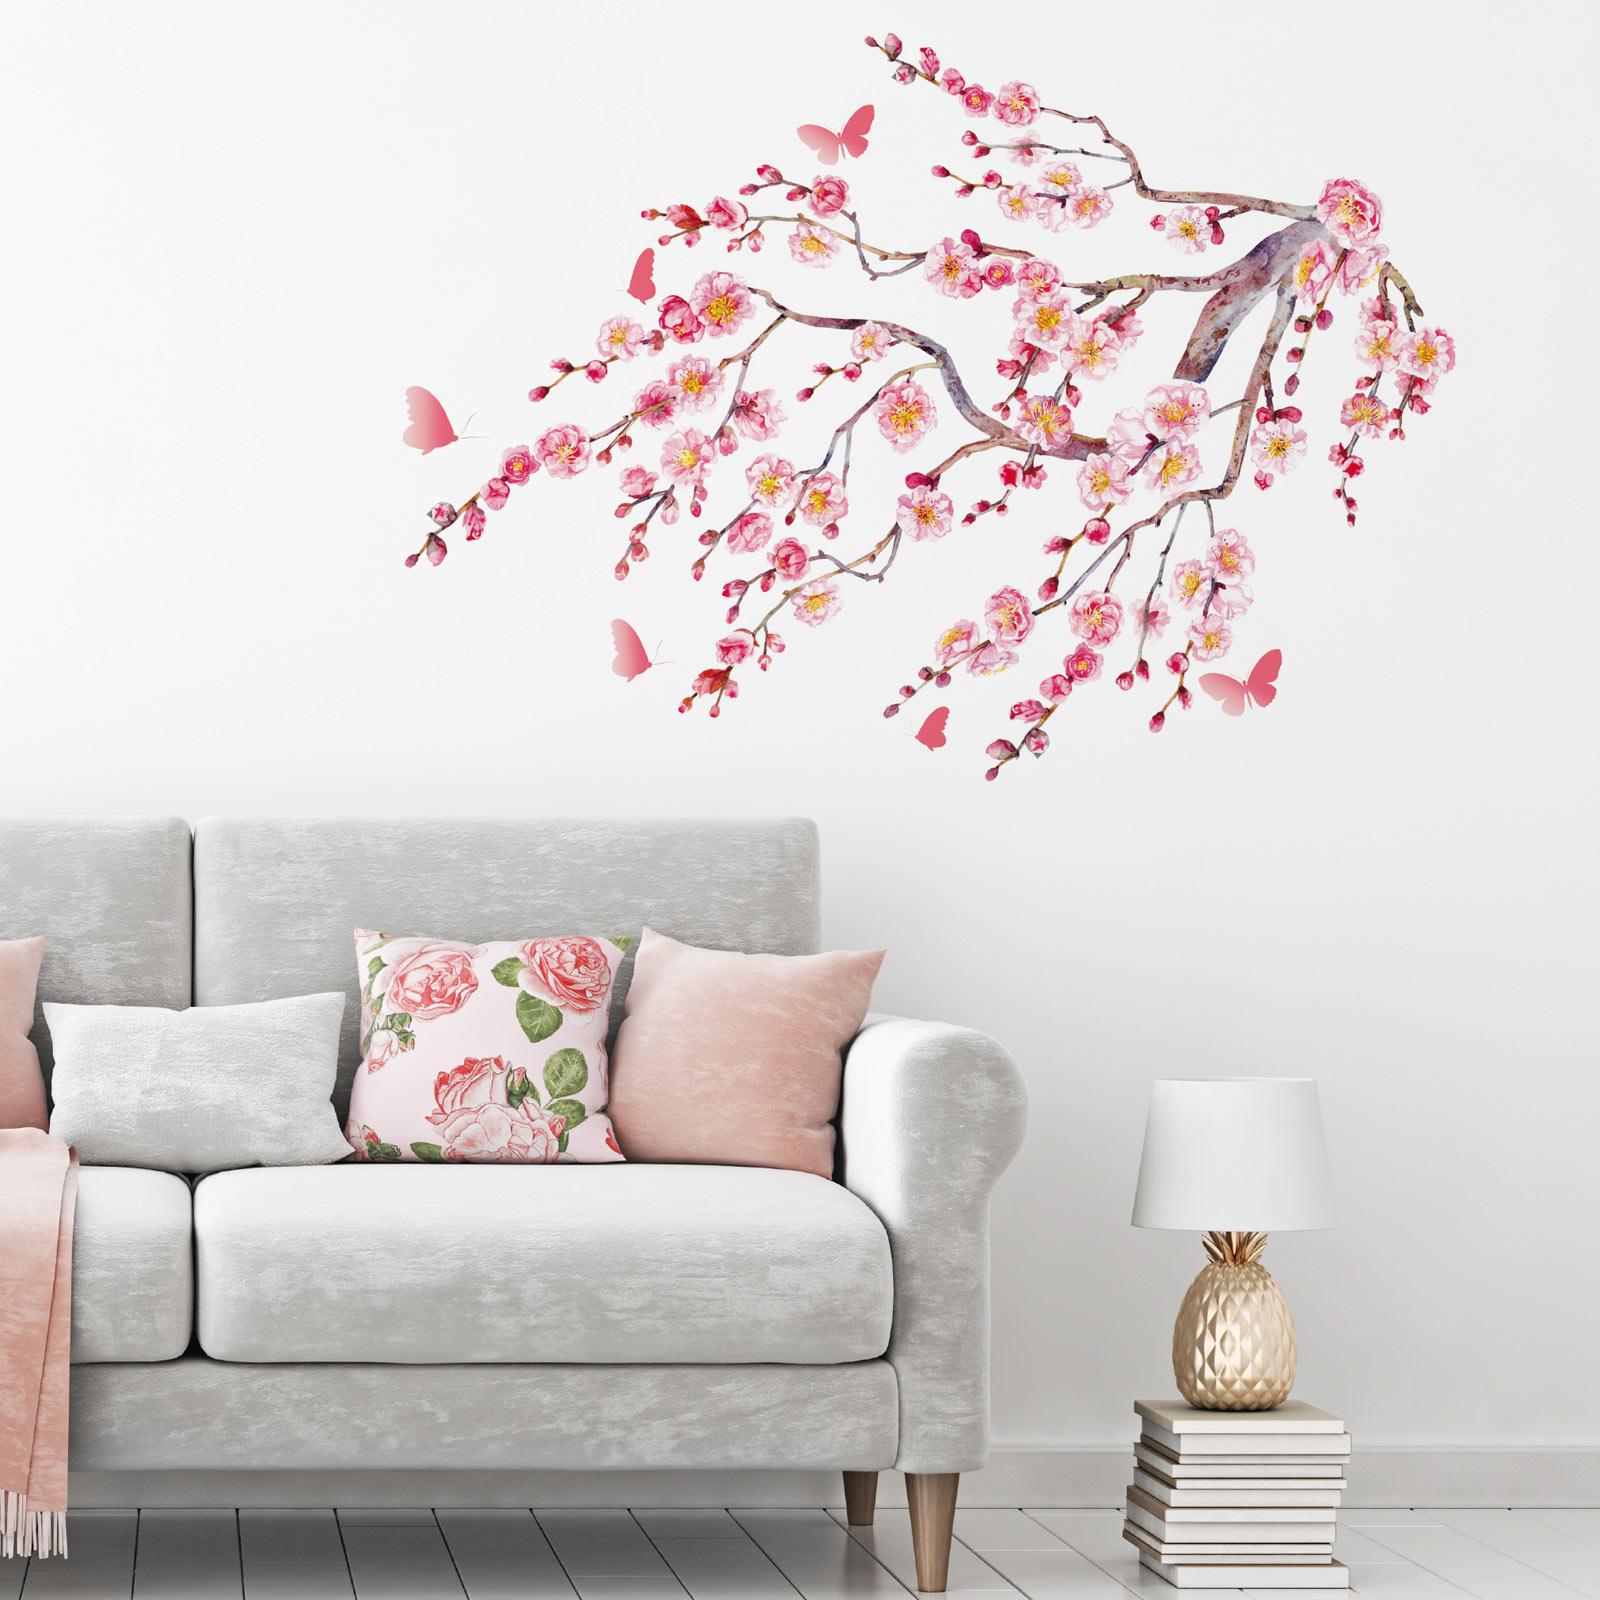 Wandtattoo Pink Kischbluten Motiv Selbstklebend Online Bei Roller Kaufen